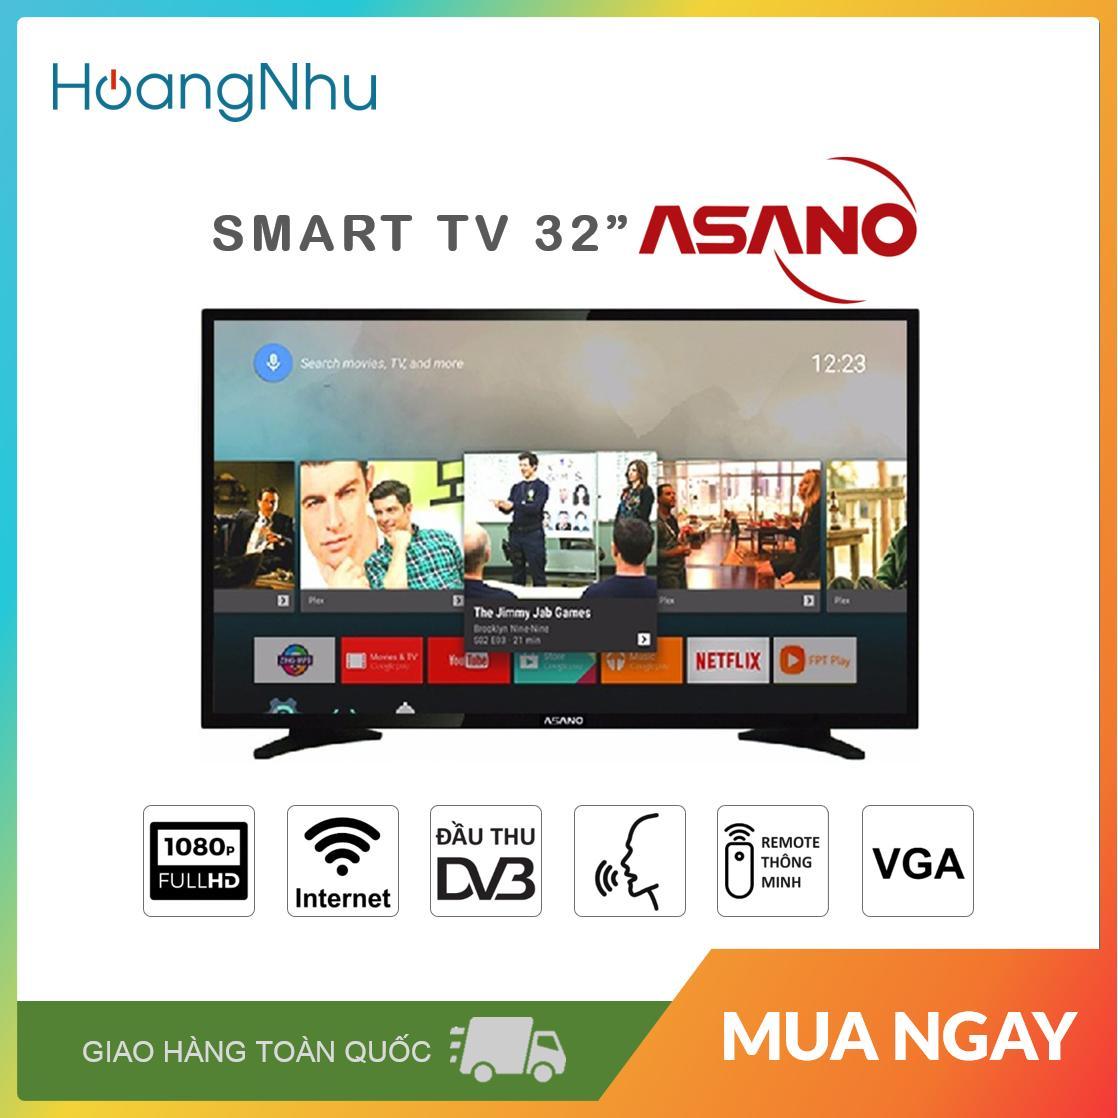 Smart Voice TV Asano 32 inch Kết nối Internet Wifi MODEL 32EK7 / 32EK9S (Full HD Android 8.0 Điều khiển giọng nói truyền hình KTS màu đen) - Bảo hành toàn quốc 2 năm